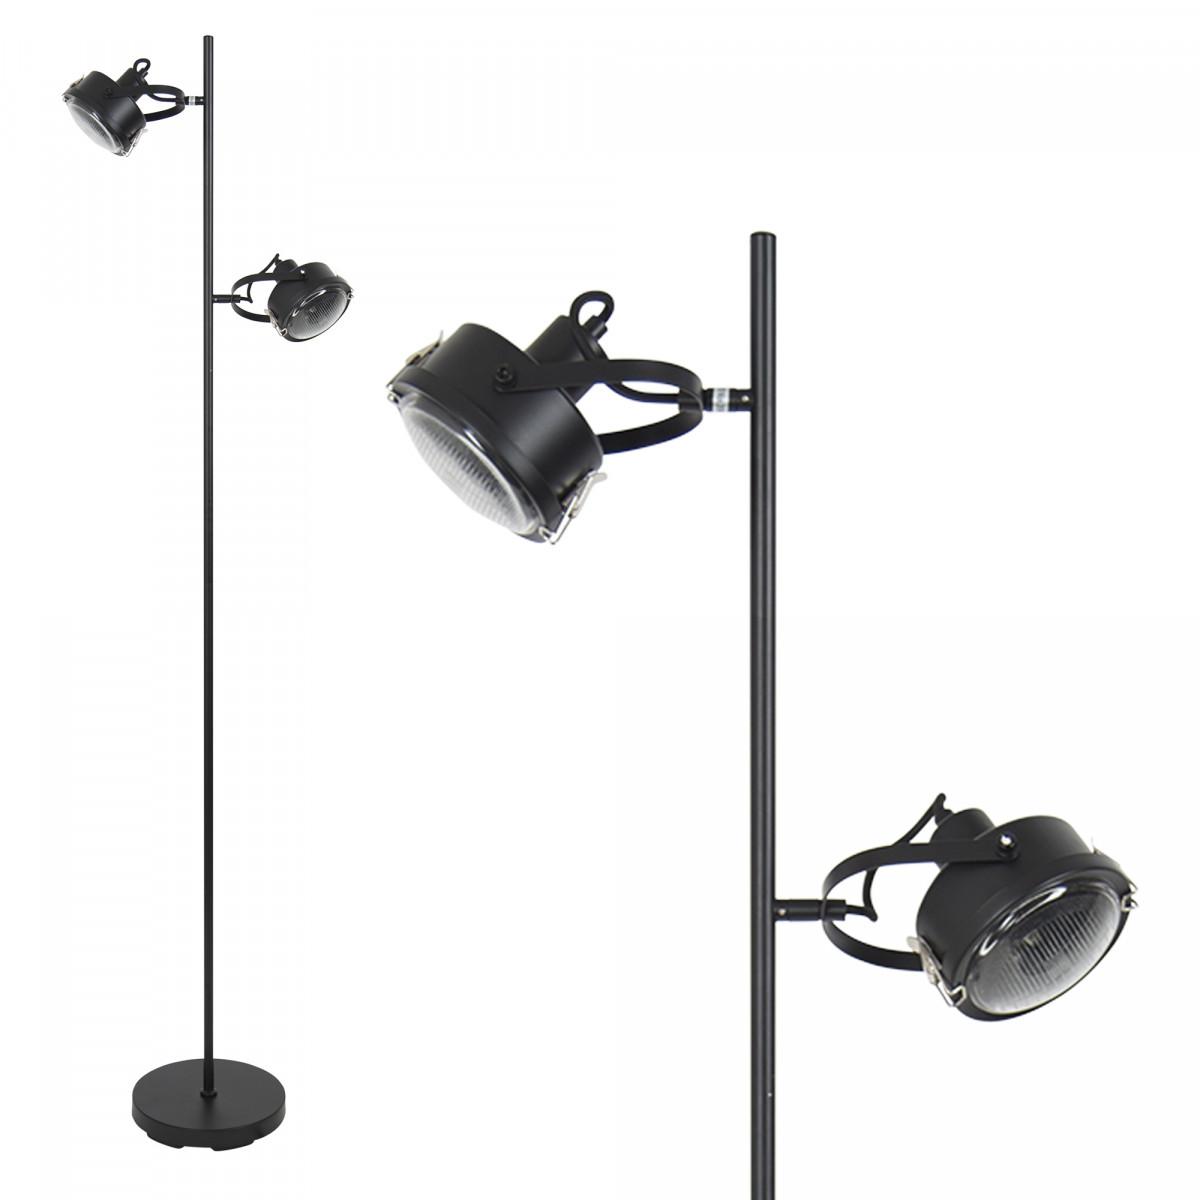 Satellite stehlampe schwarz - Nostalux Wohnraumleuchten